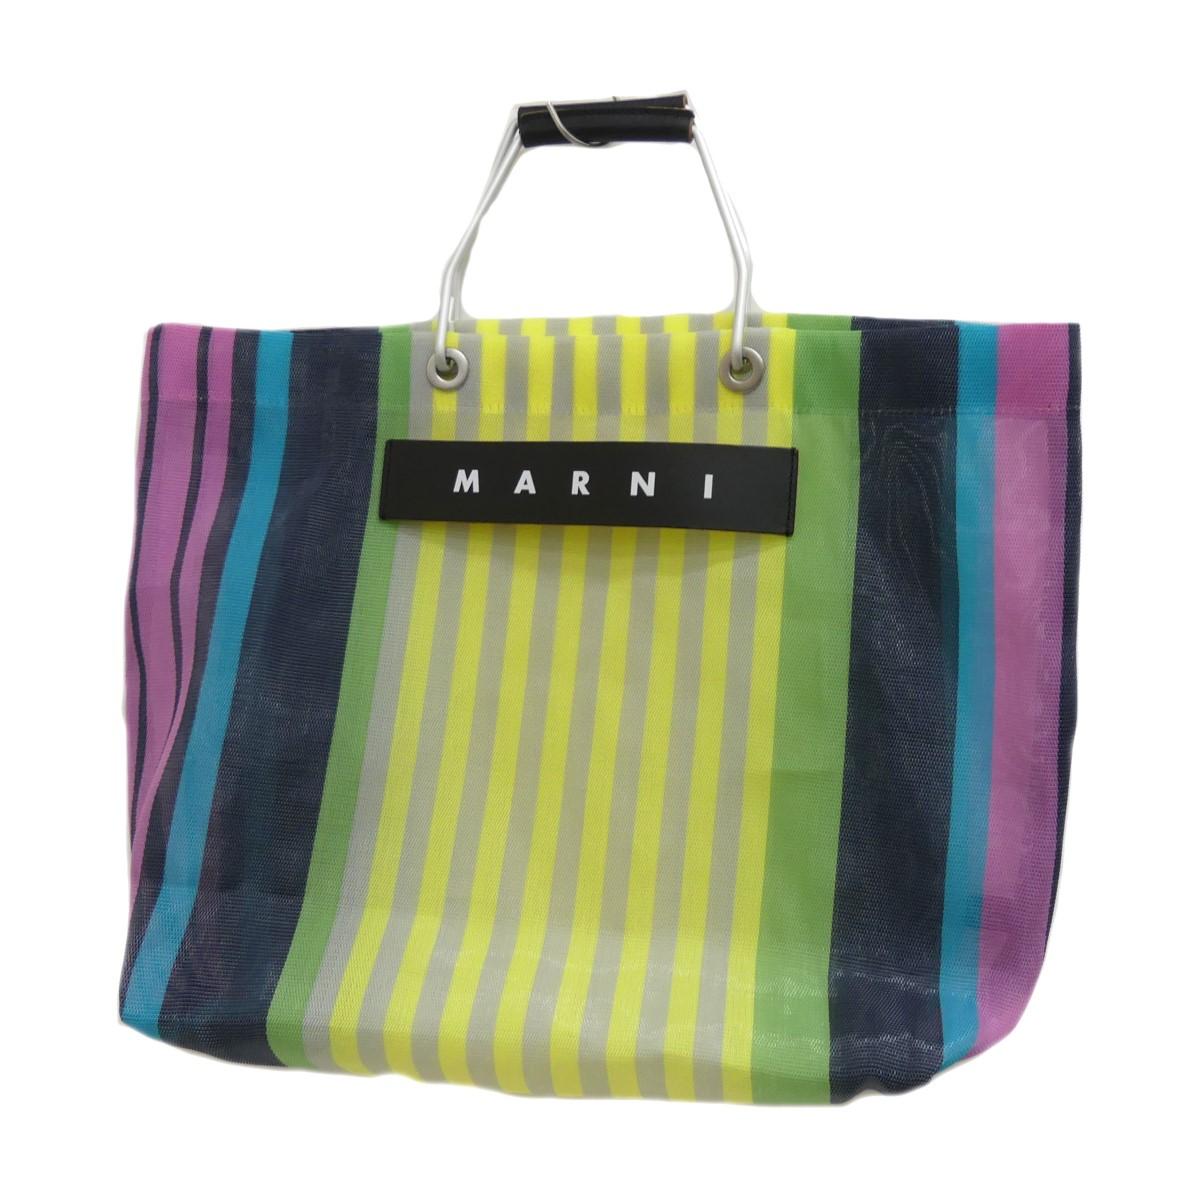 【中古】MARNI フラワーカフェ ストライプトートバッグ マルチカラー サイズ:- 【300420】(マルニ)